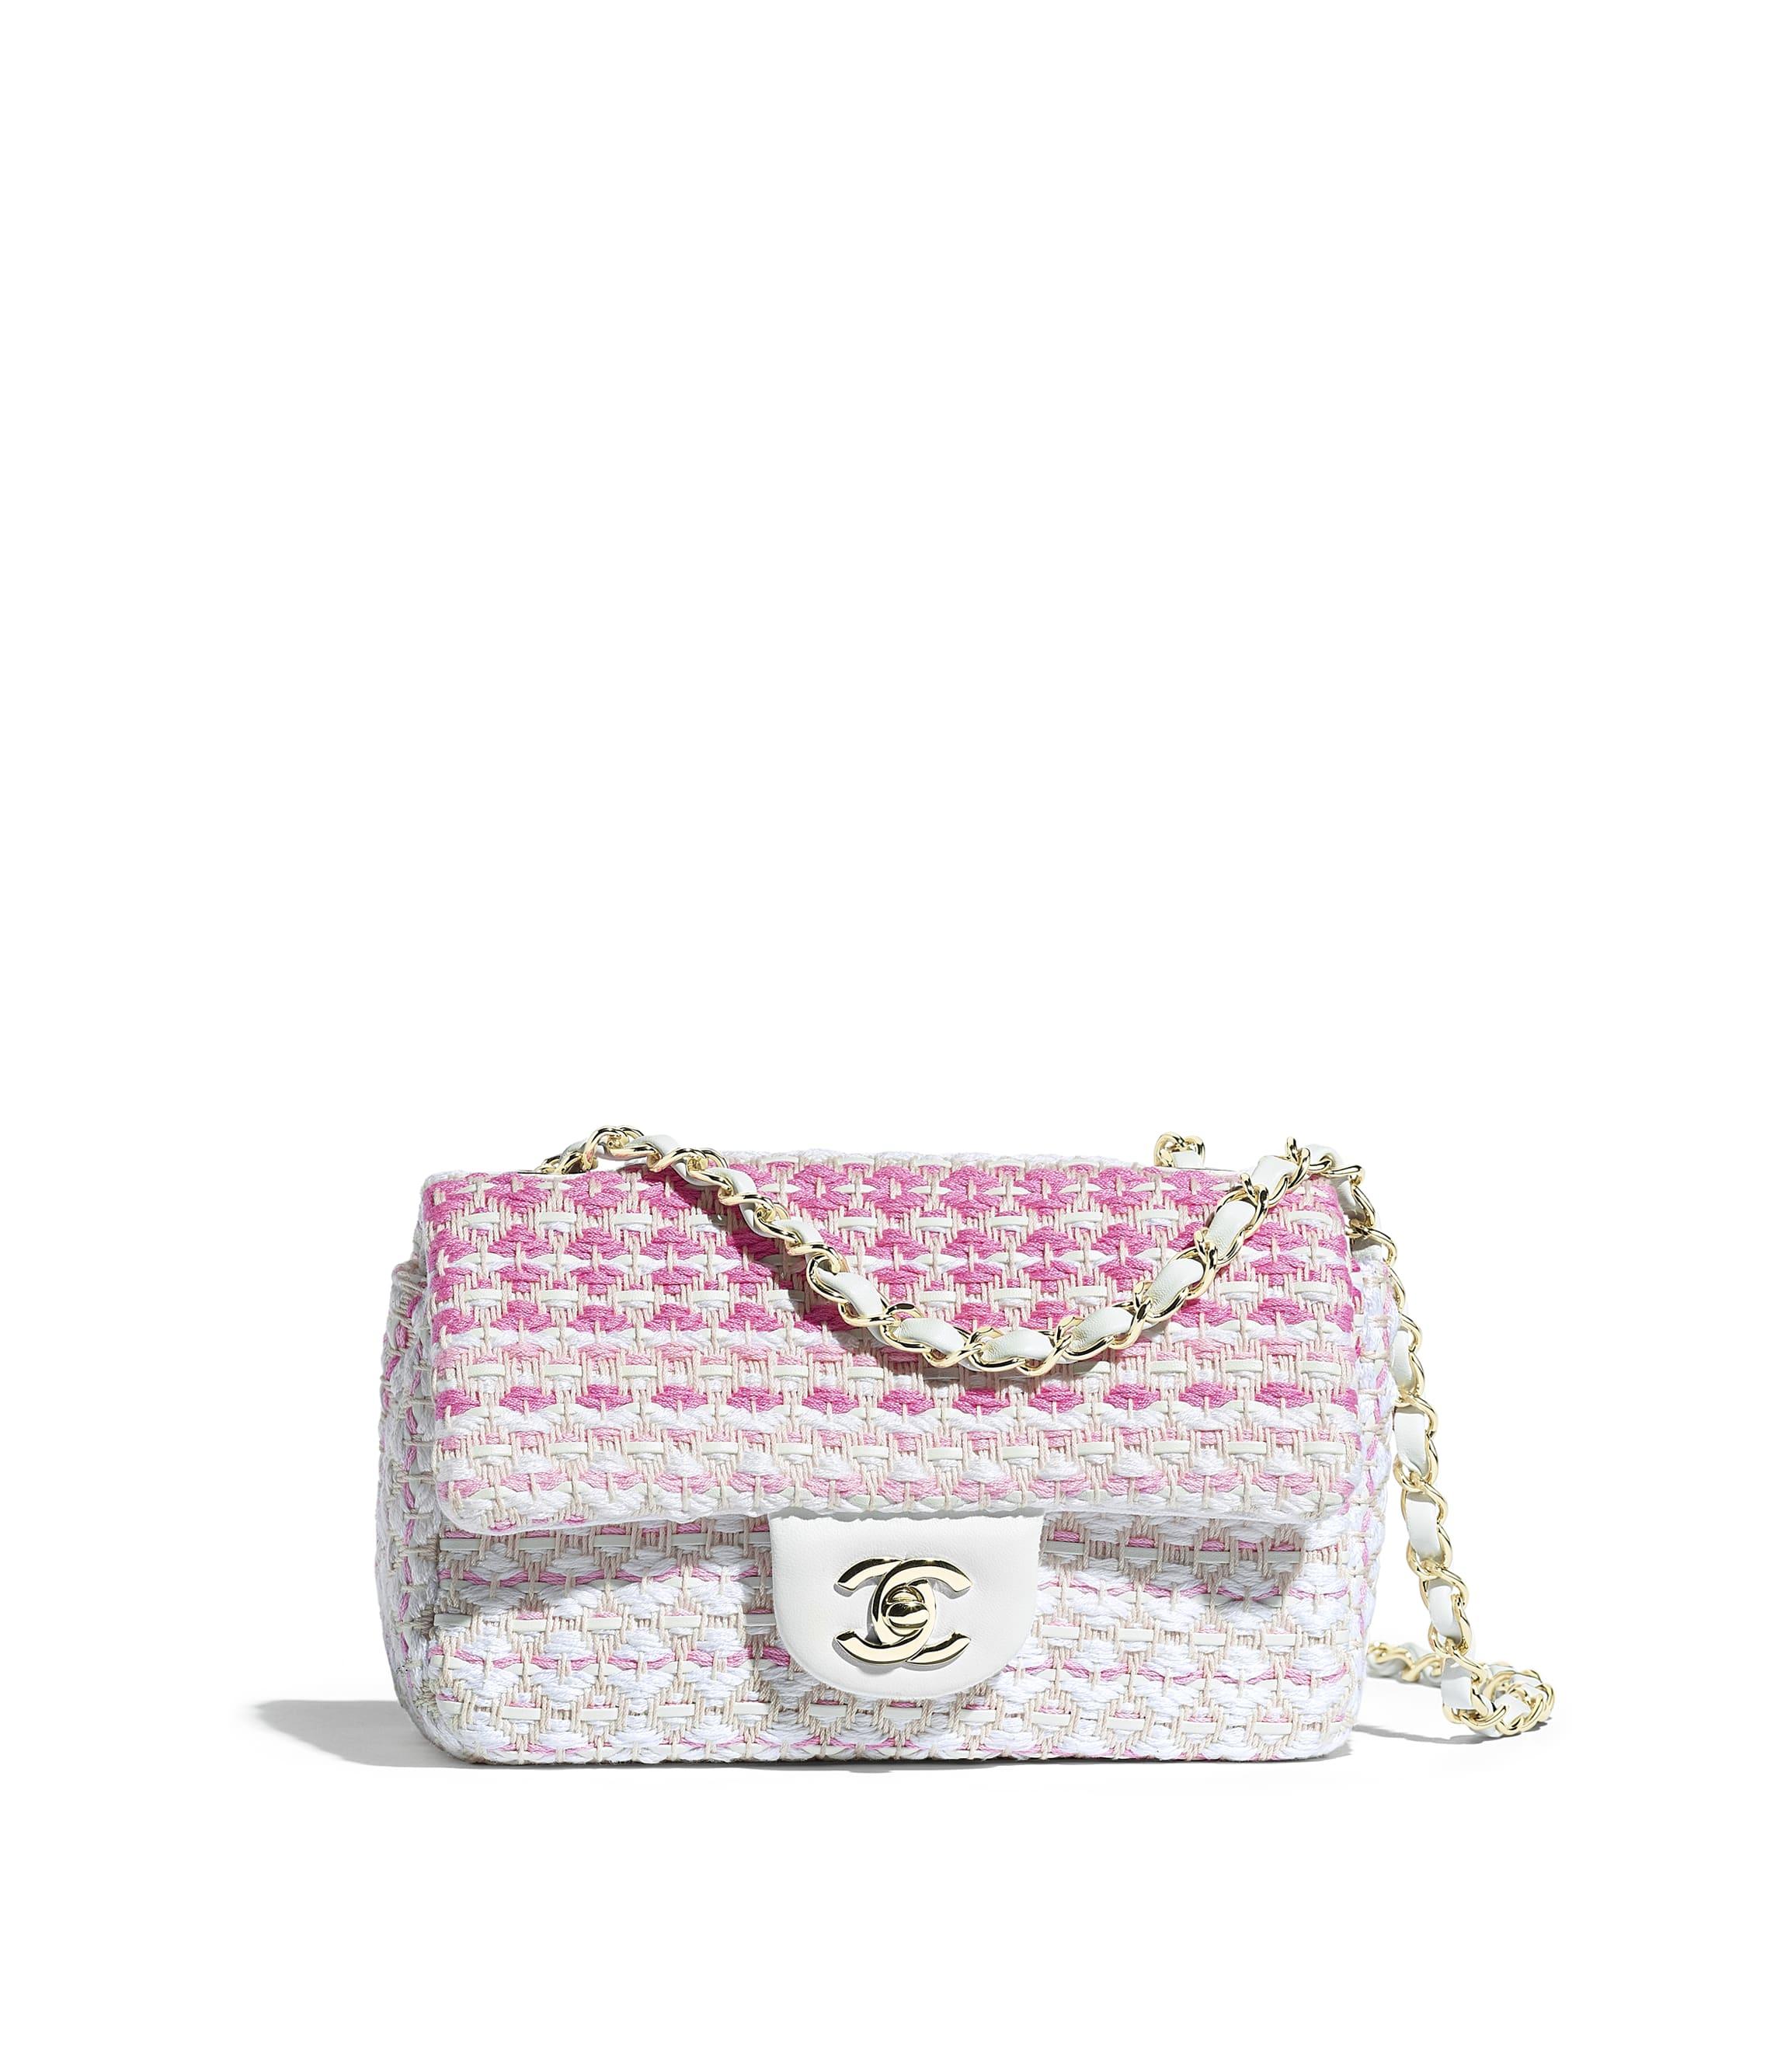 94b41d6ec531 Mini Flap Bag, lambskin, cotton & gold-tone metal, white & pink - CHANEL